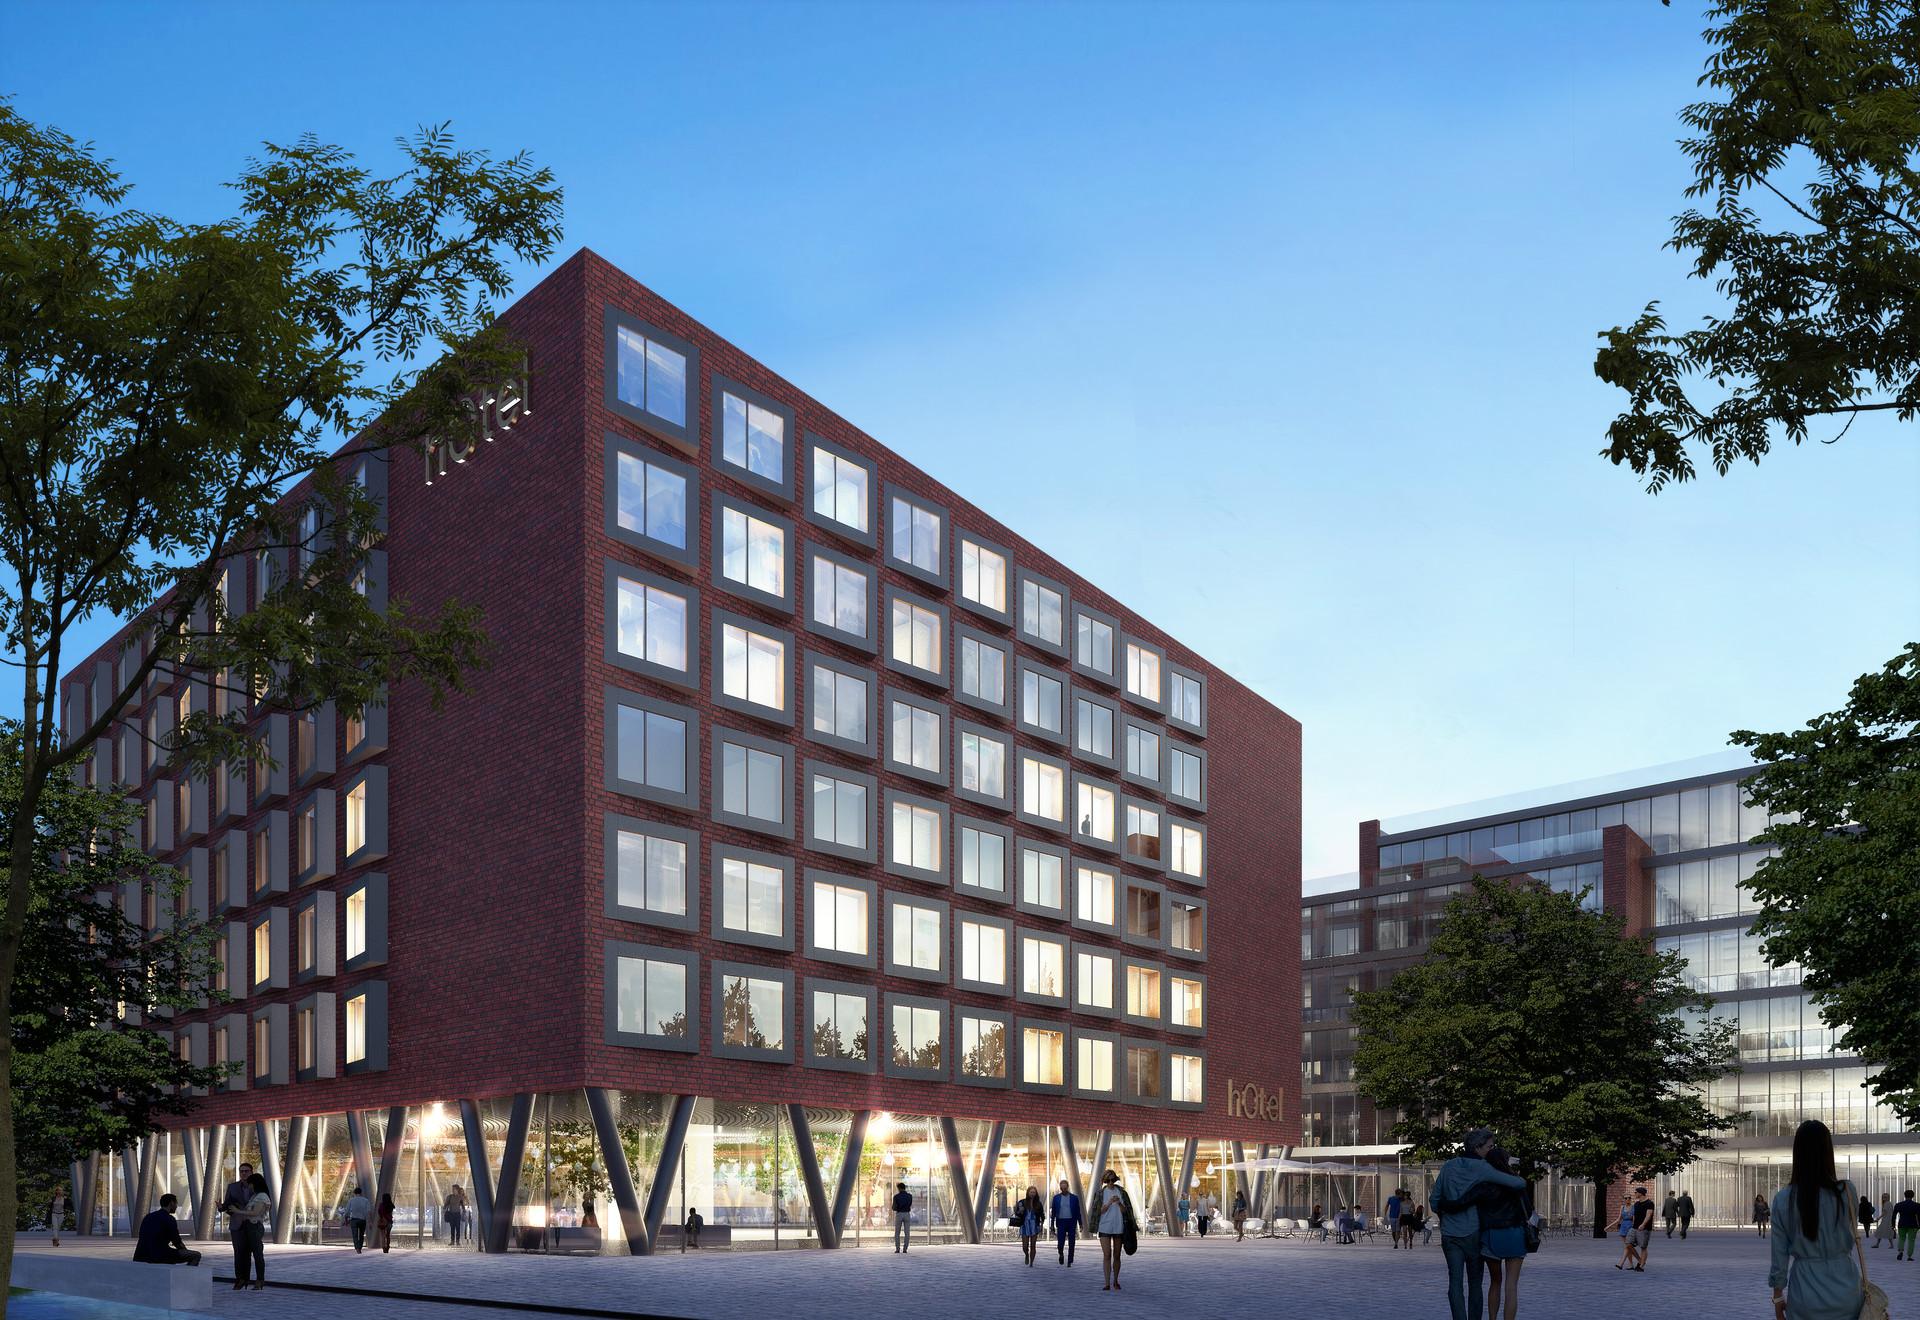 Hotel Centro Oberhausen Ben Dieckmann architects